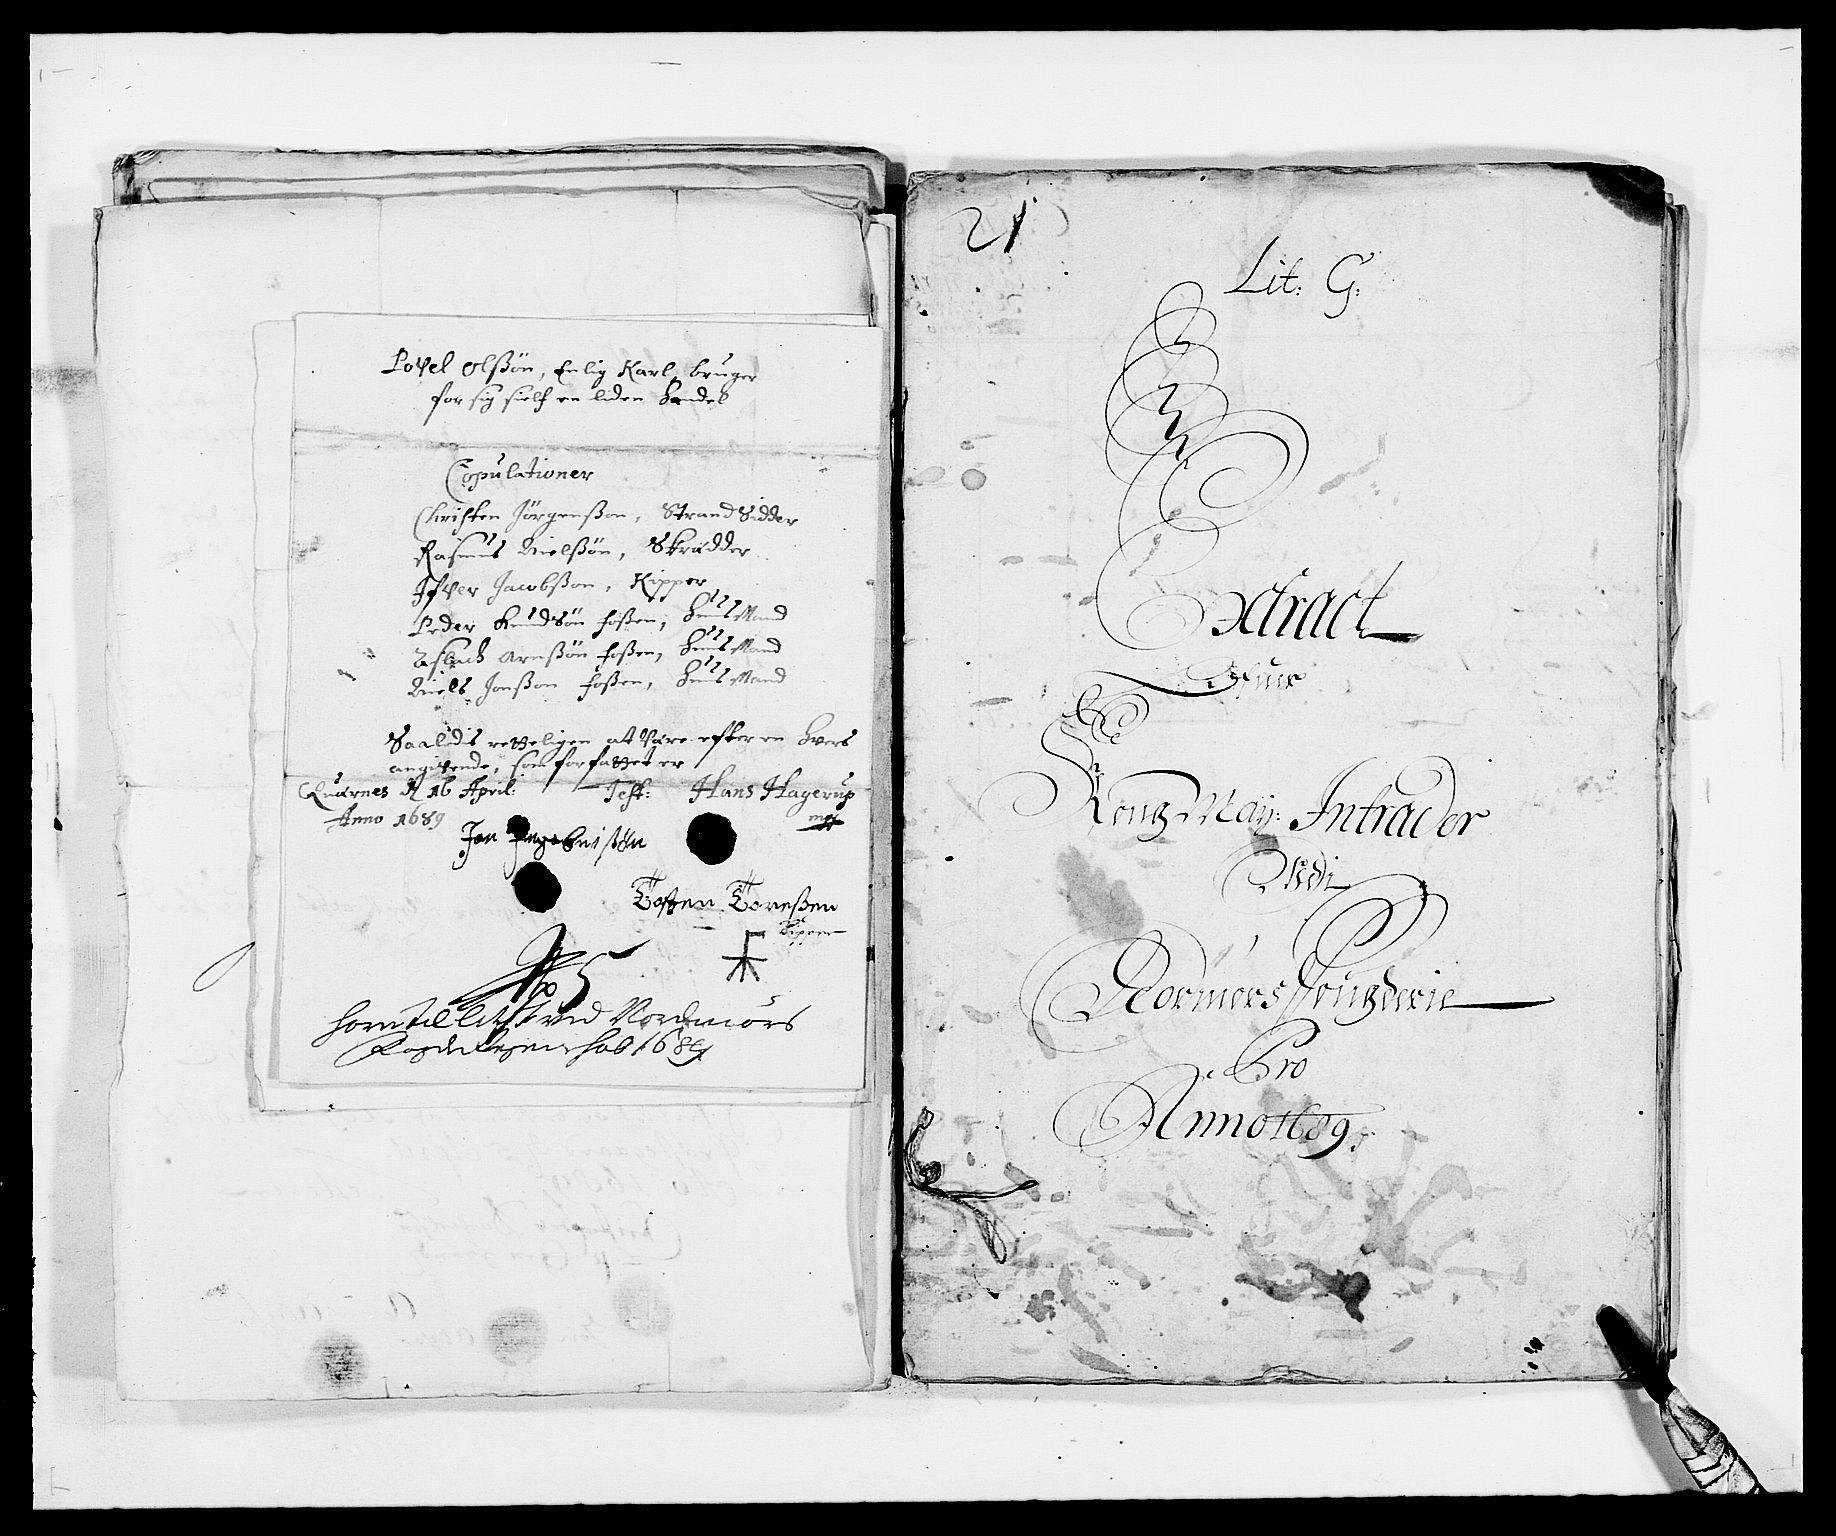 RA, Rentekammeret inntil 1814, Reviderte regnskaper, Fogderegnskap, R56/L3733: Fogderegnskap Nordmøre, 1687-1689, s. 341